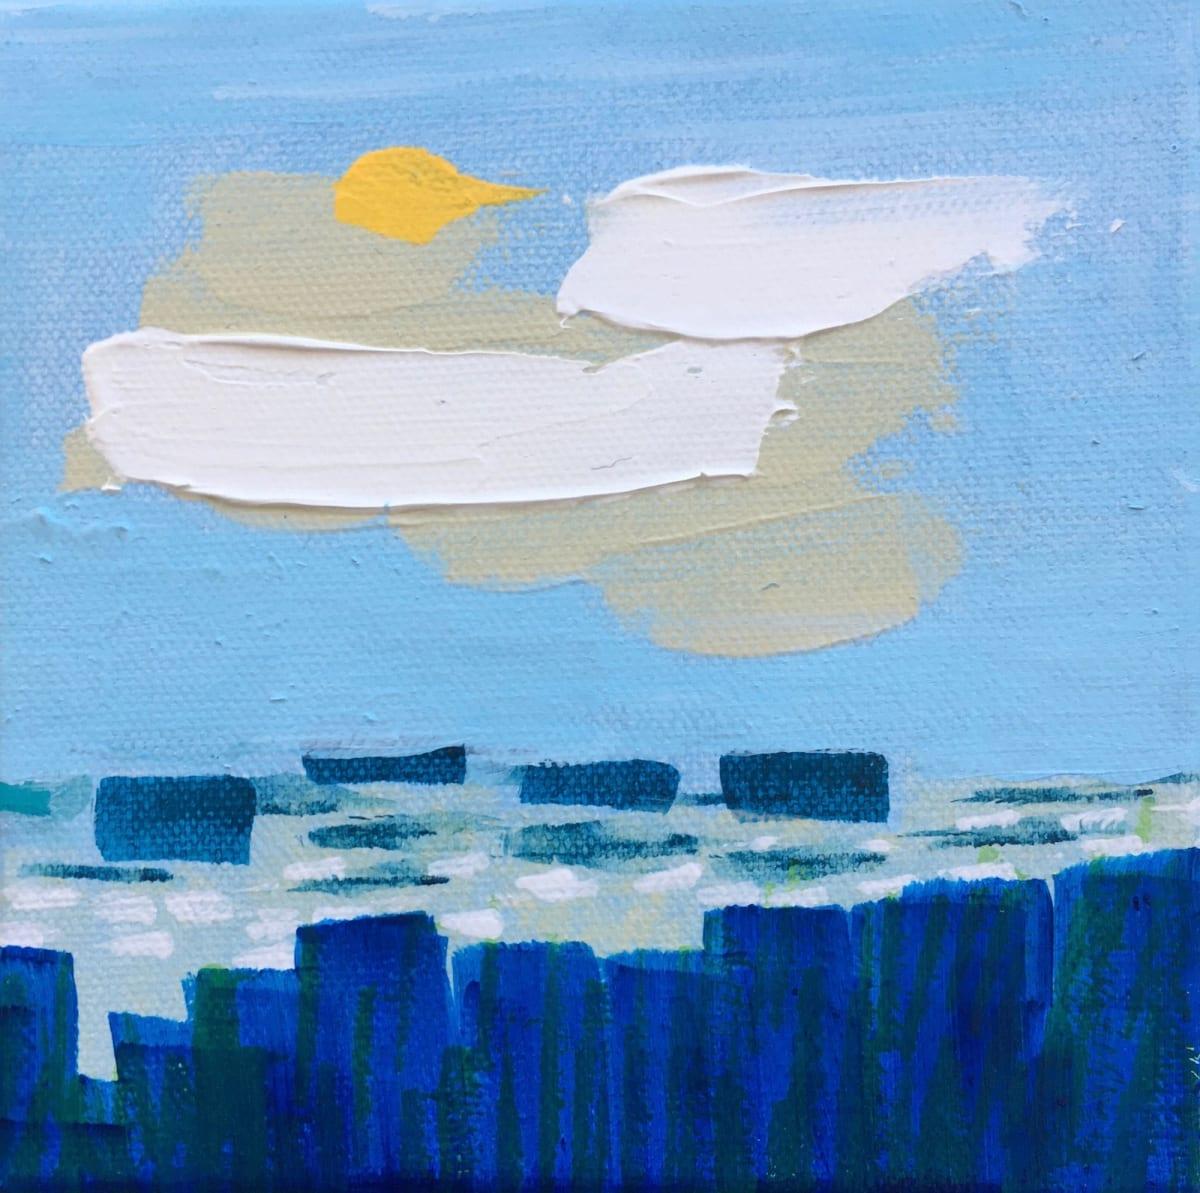 Breezy, no. 3 by Julea Boswell